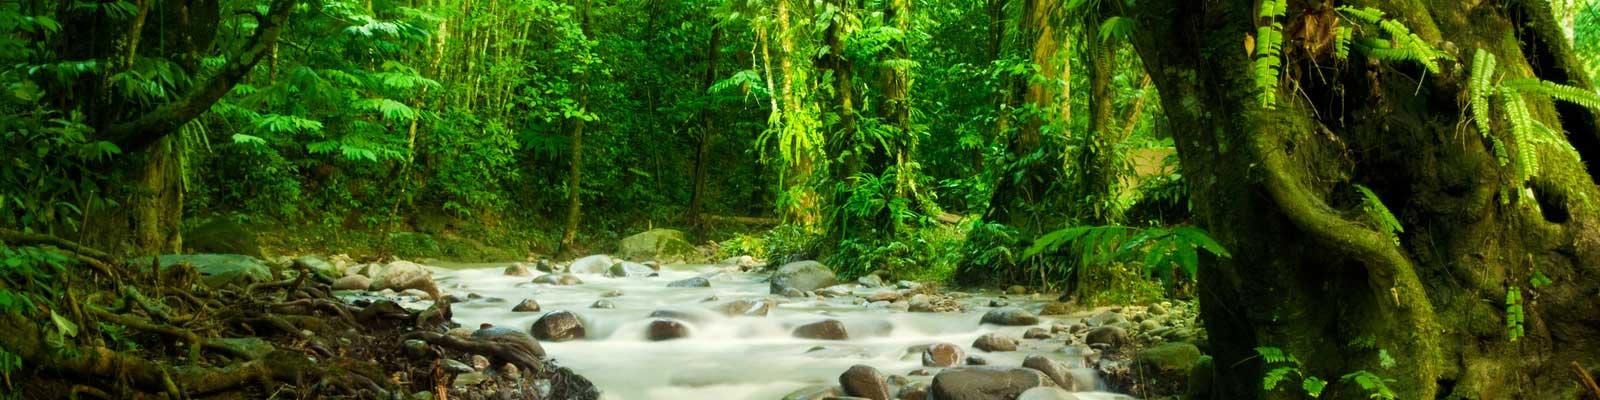 Costa Rica Novos Caminhos Compre, Venda. Vilas e Pousadas.